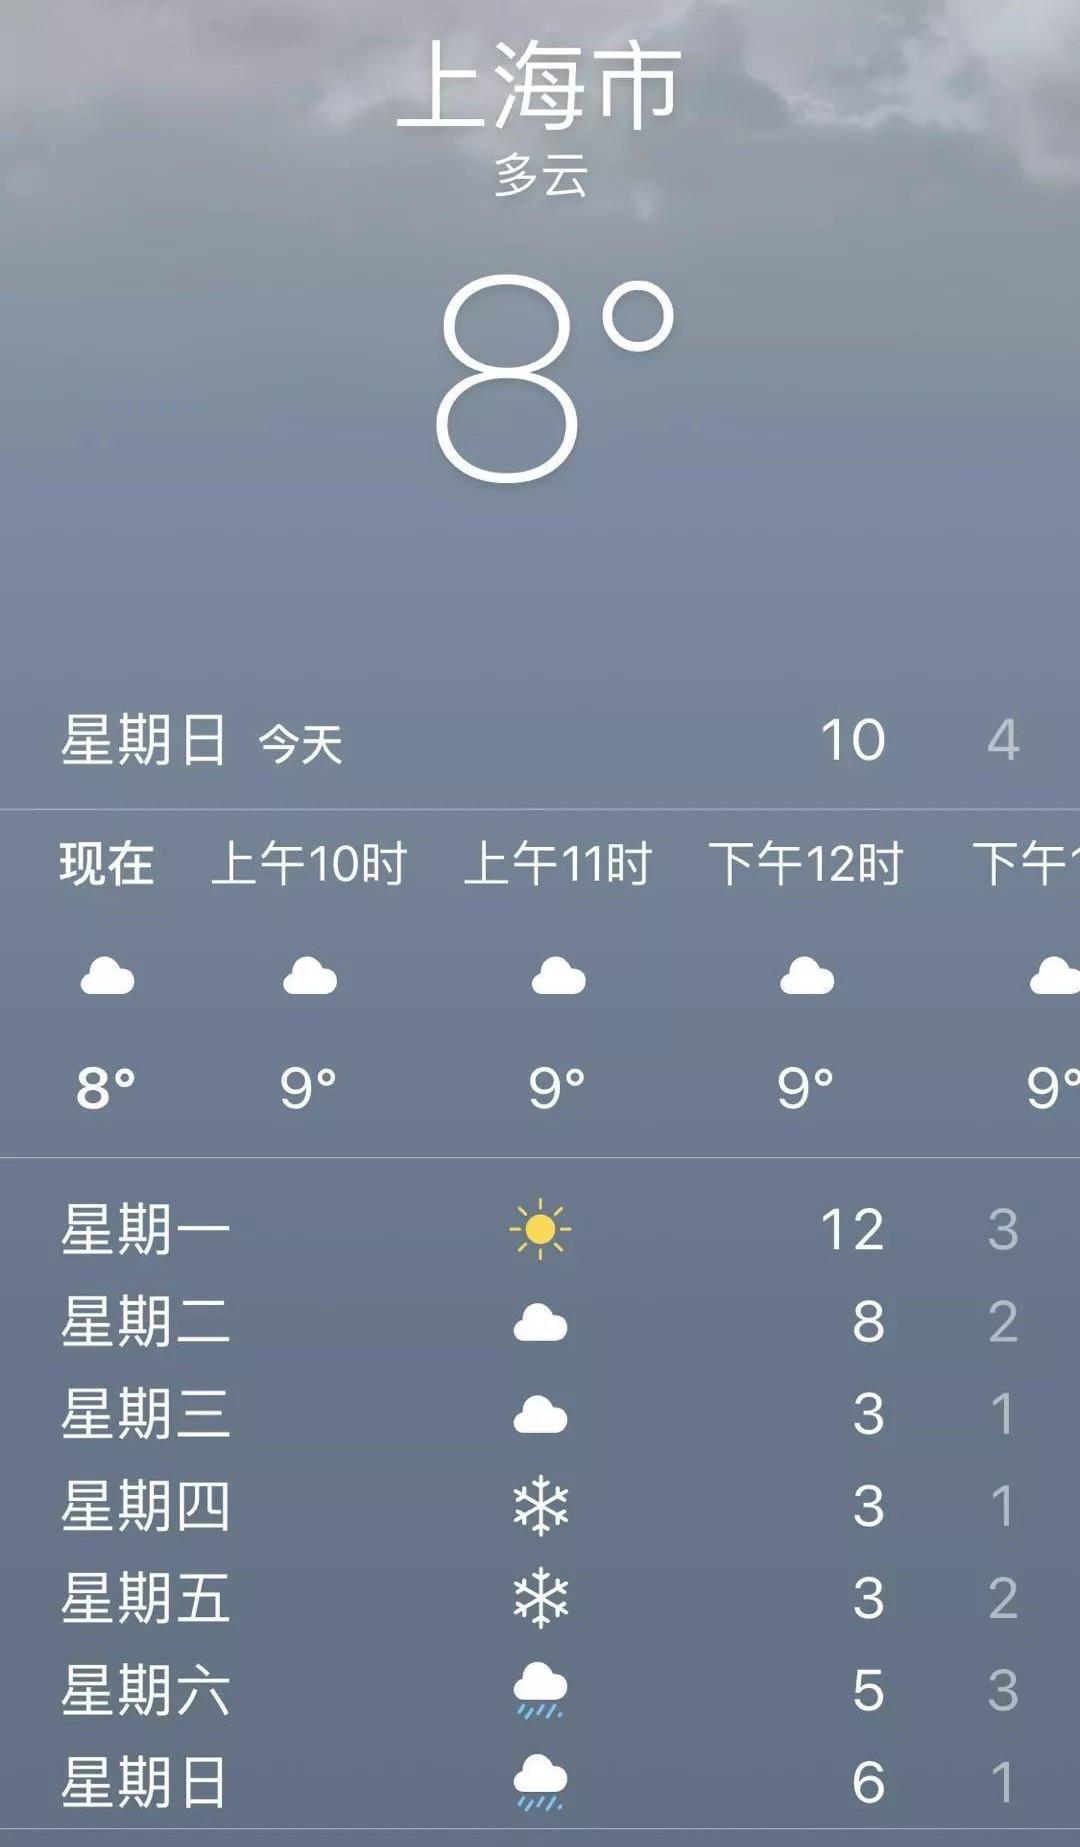 上海天预报�z*_上海的天怎么一天一个样,明天是好天吗?-